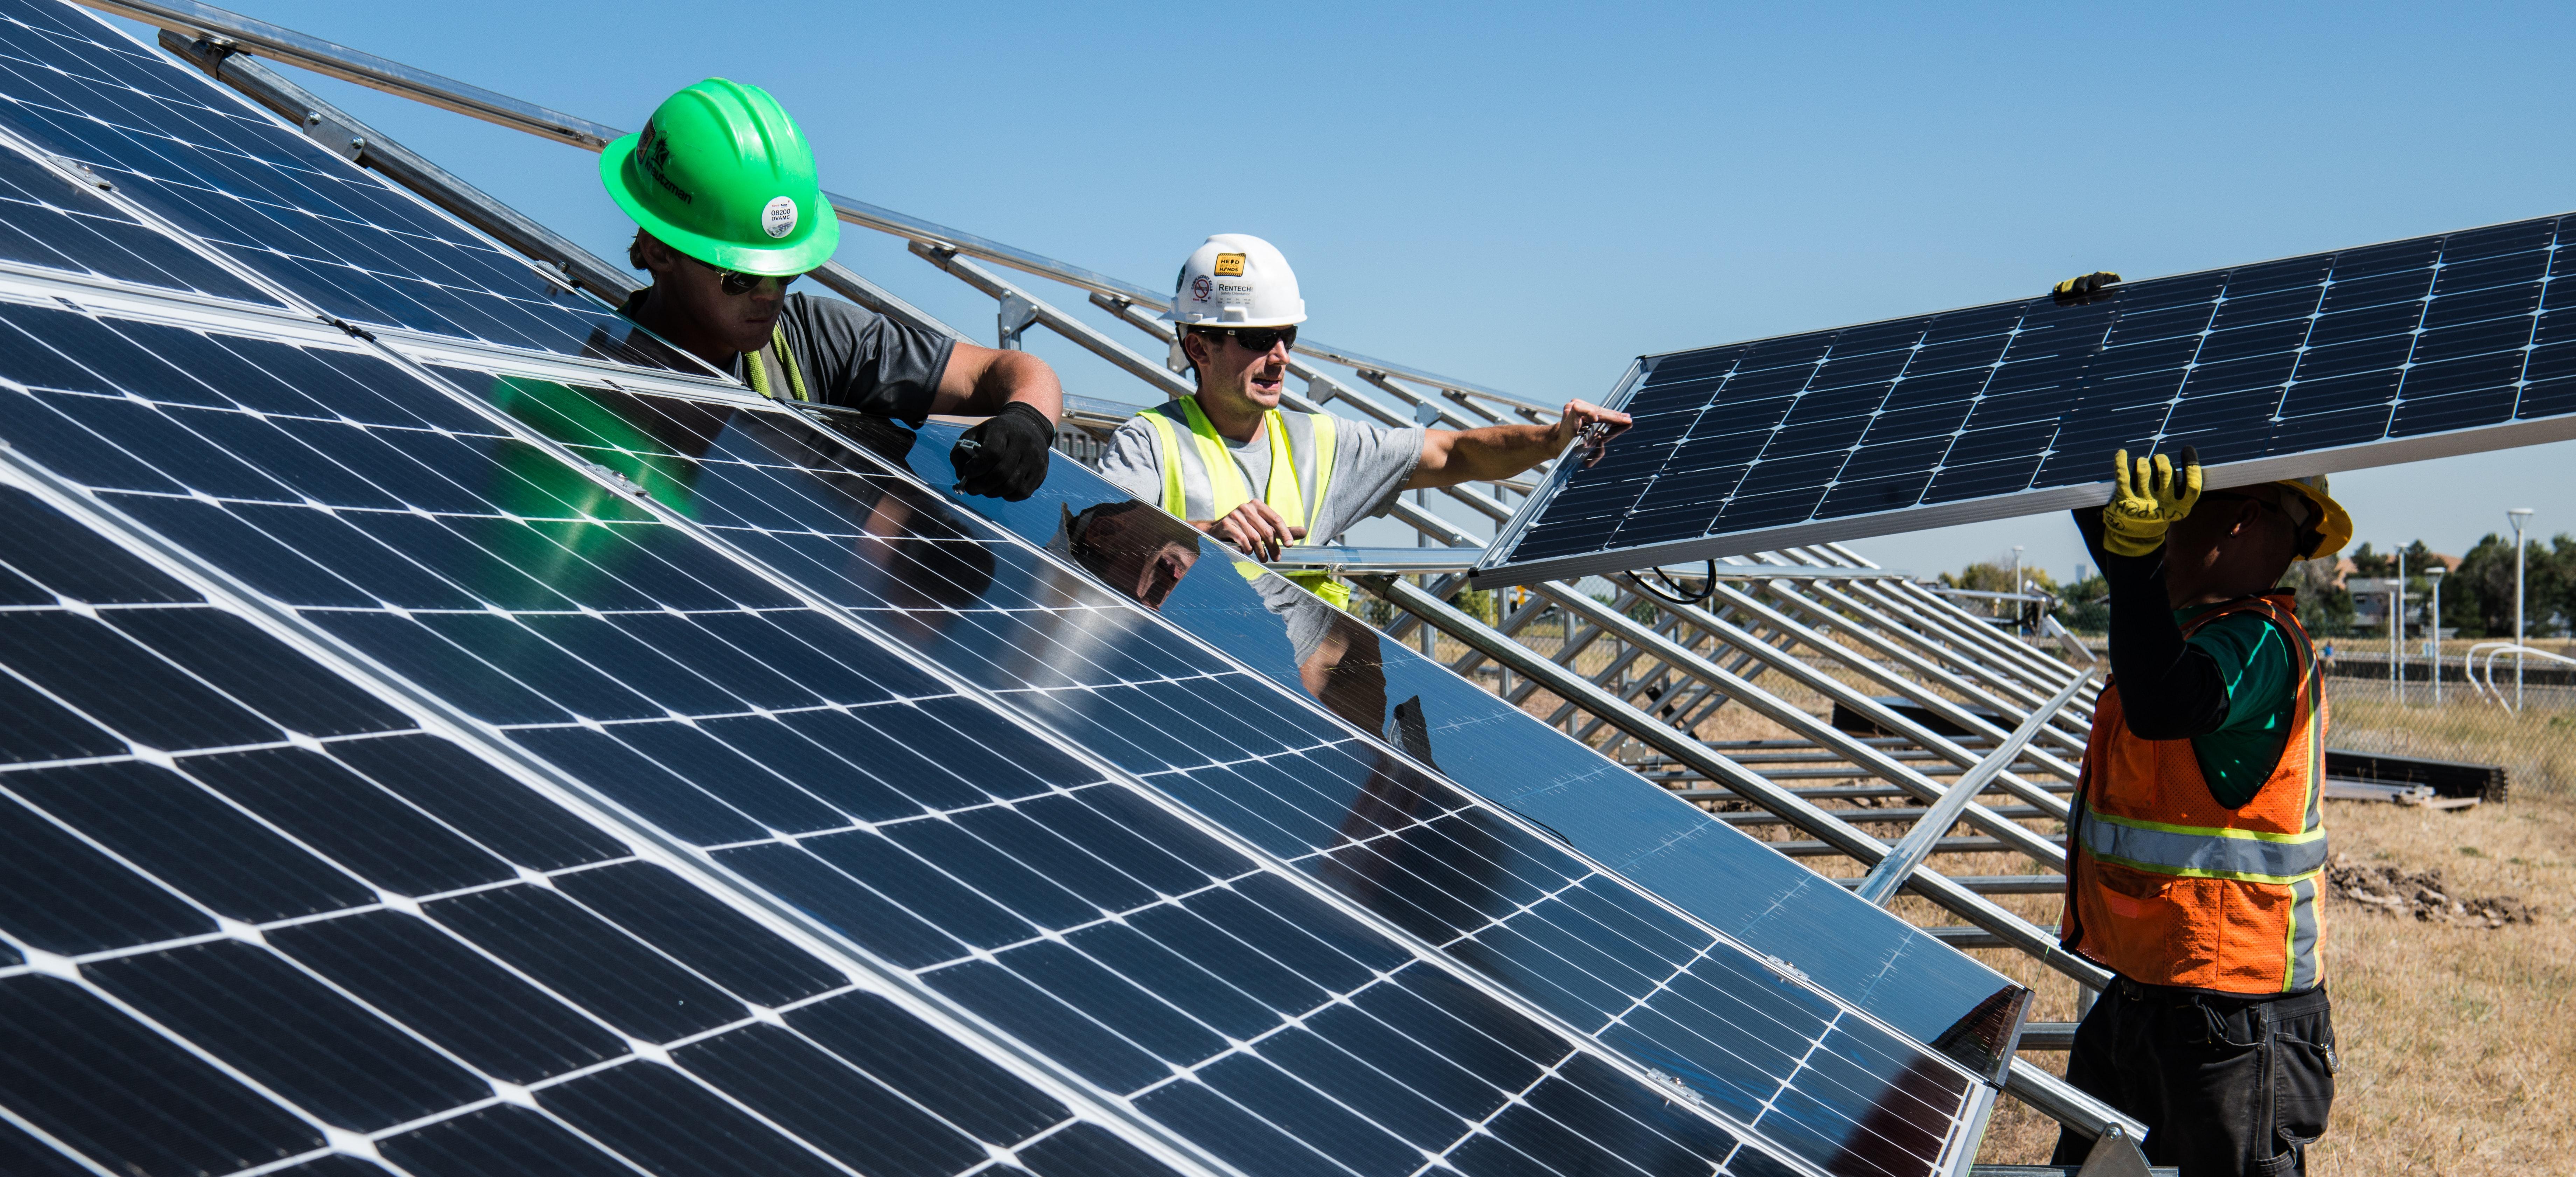 ¿Por qué es importante la energía renovable?